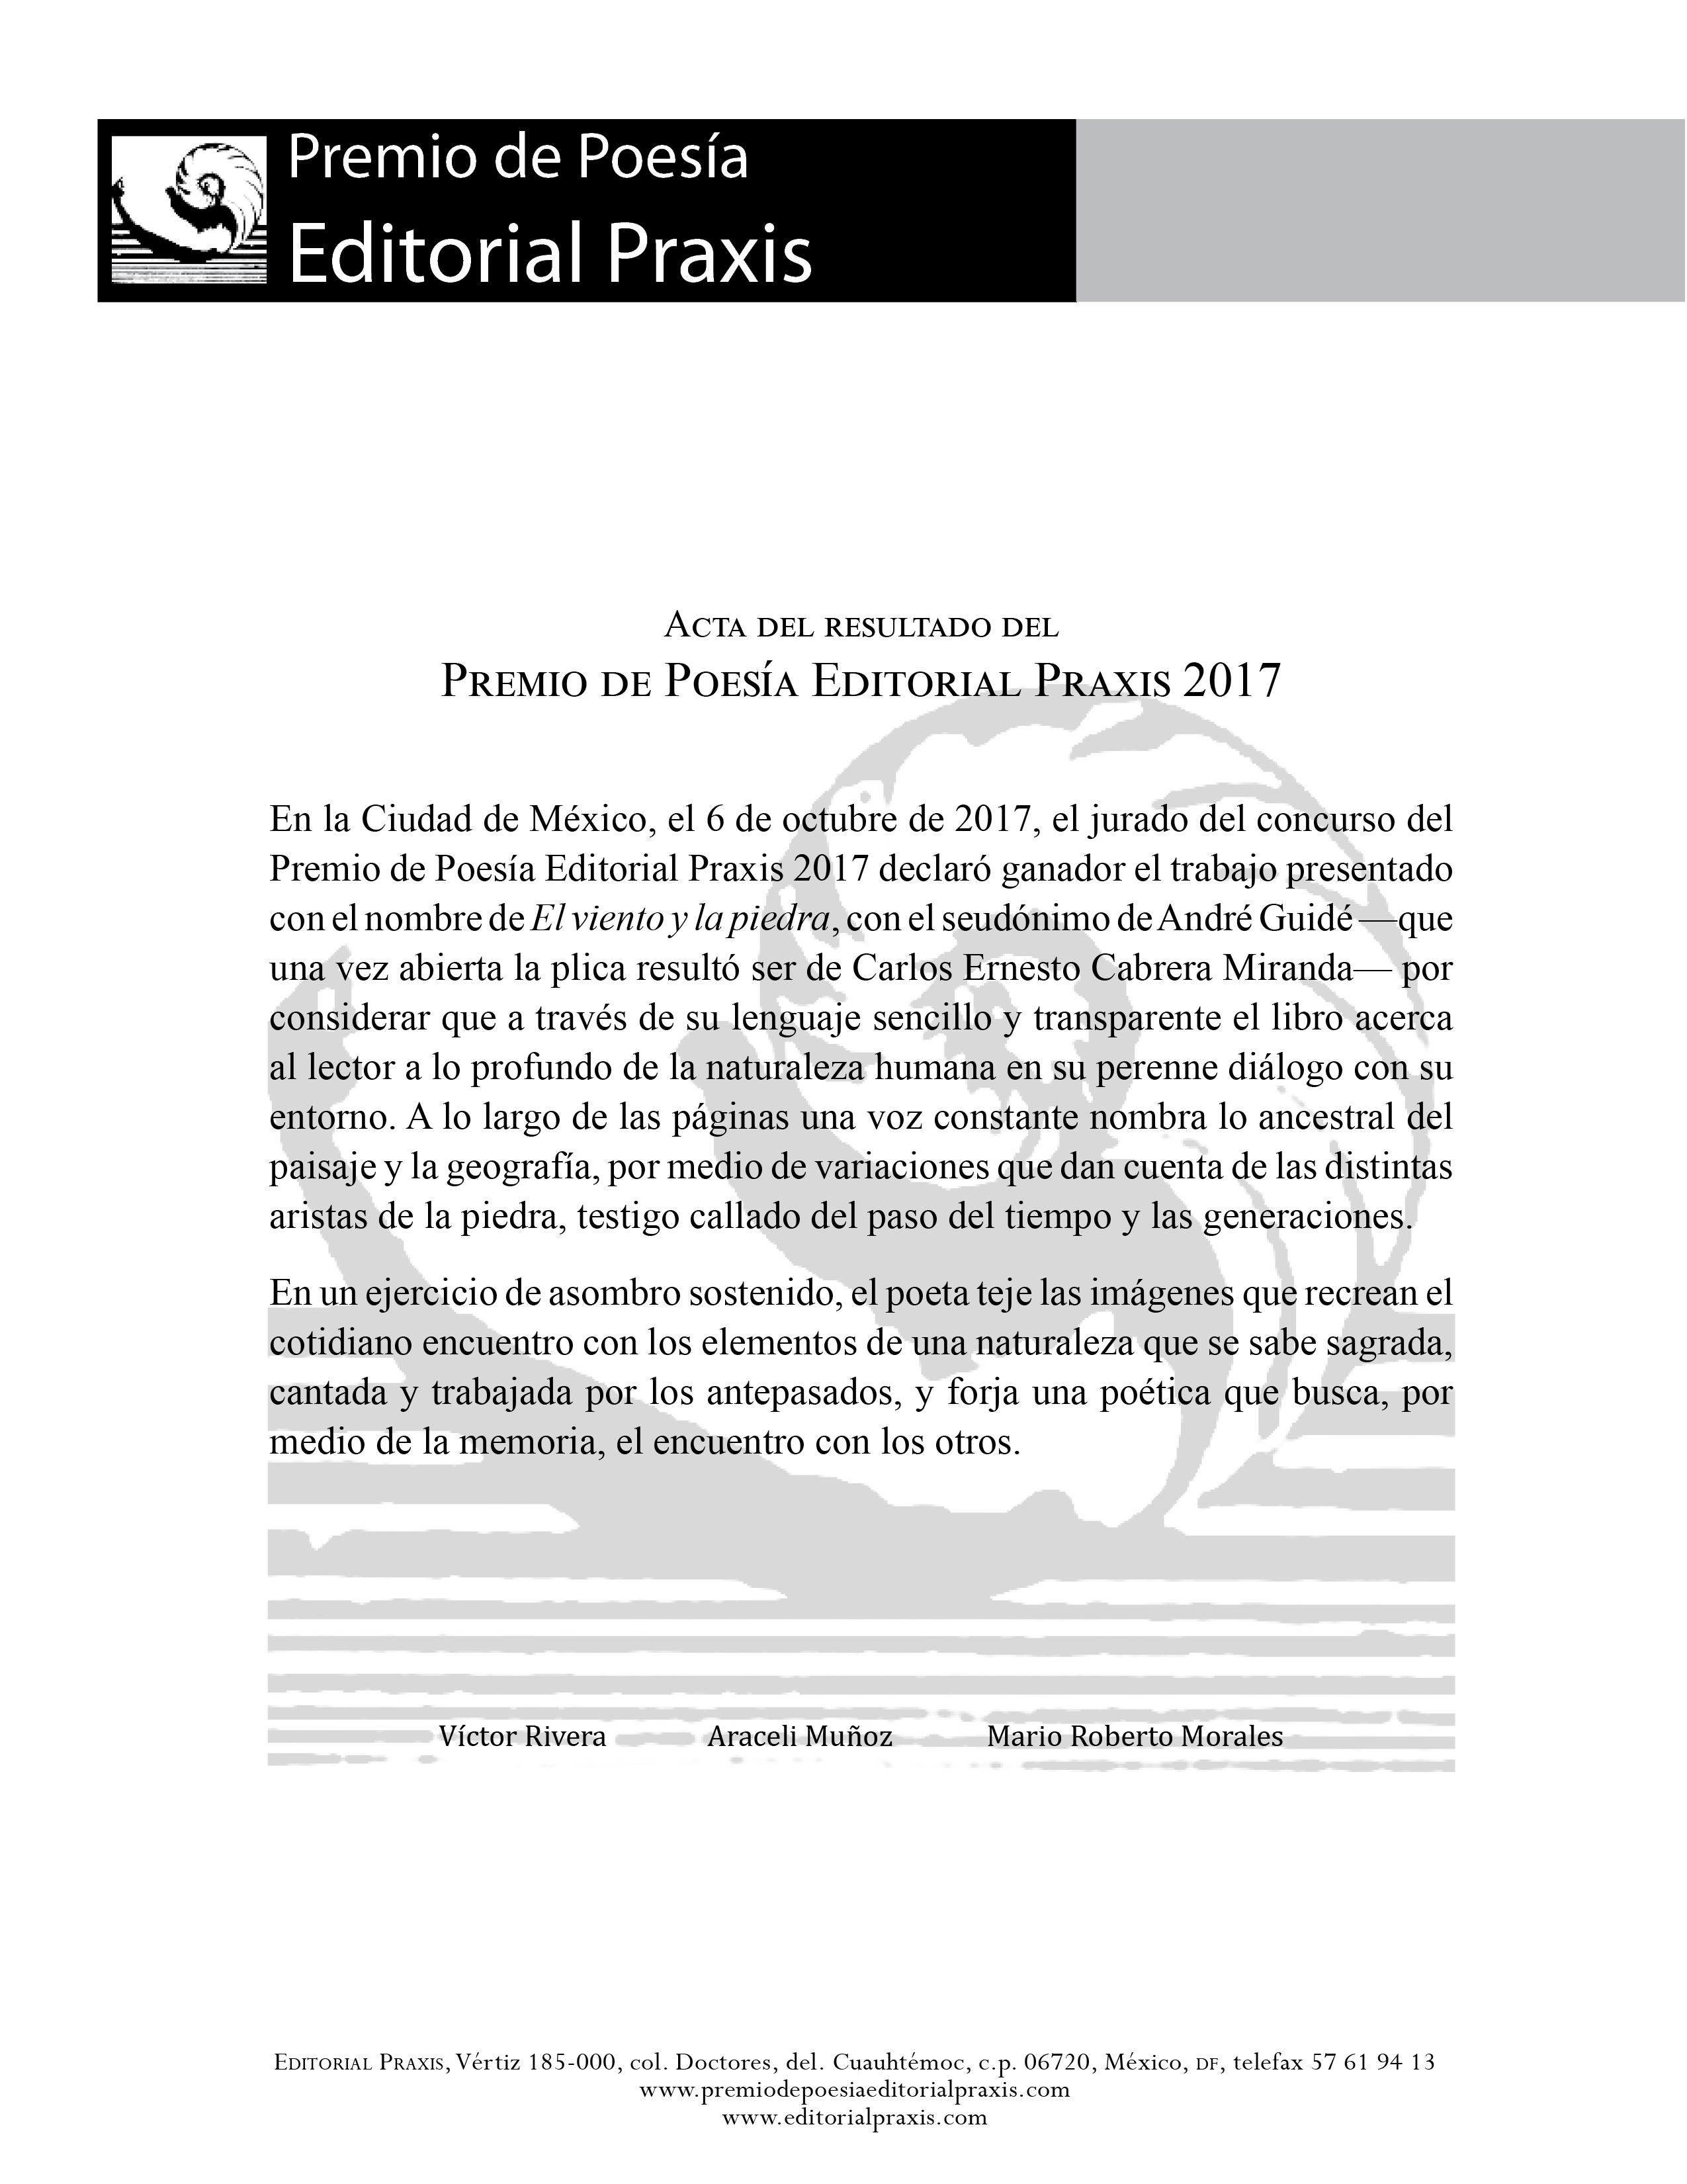 Acta-del-Premio-de-Poesia-Editorial-Praxis-2017